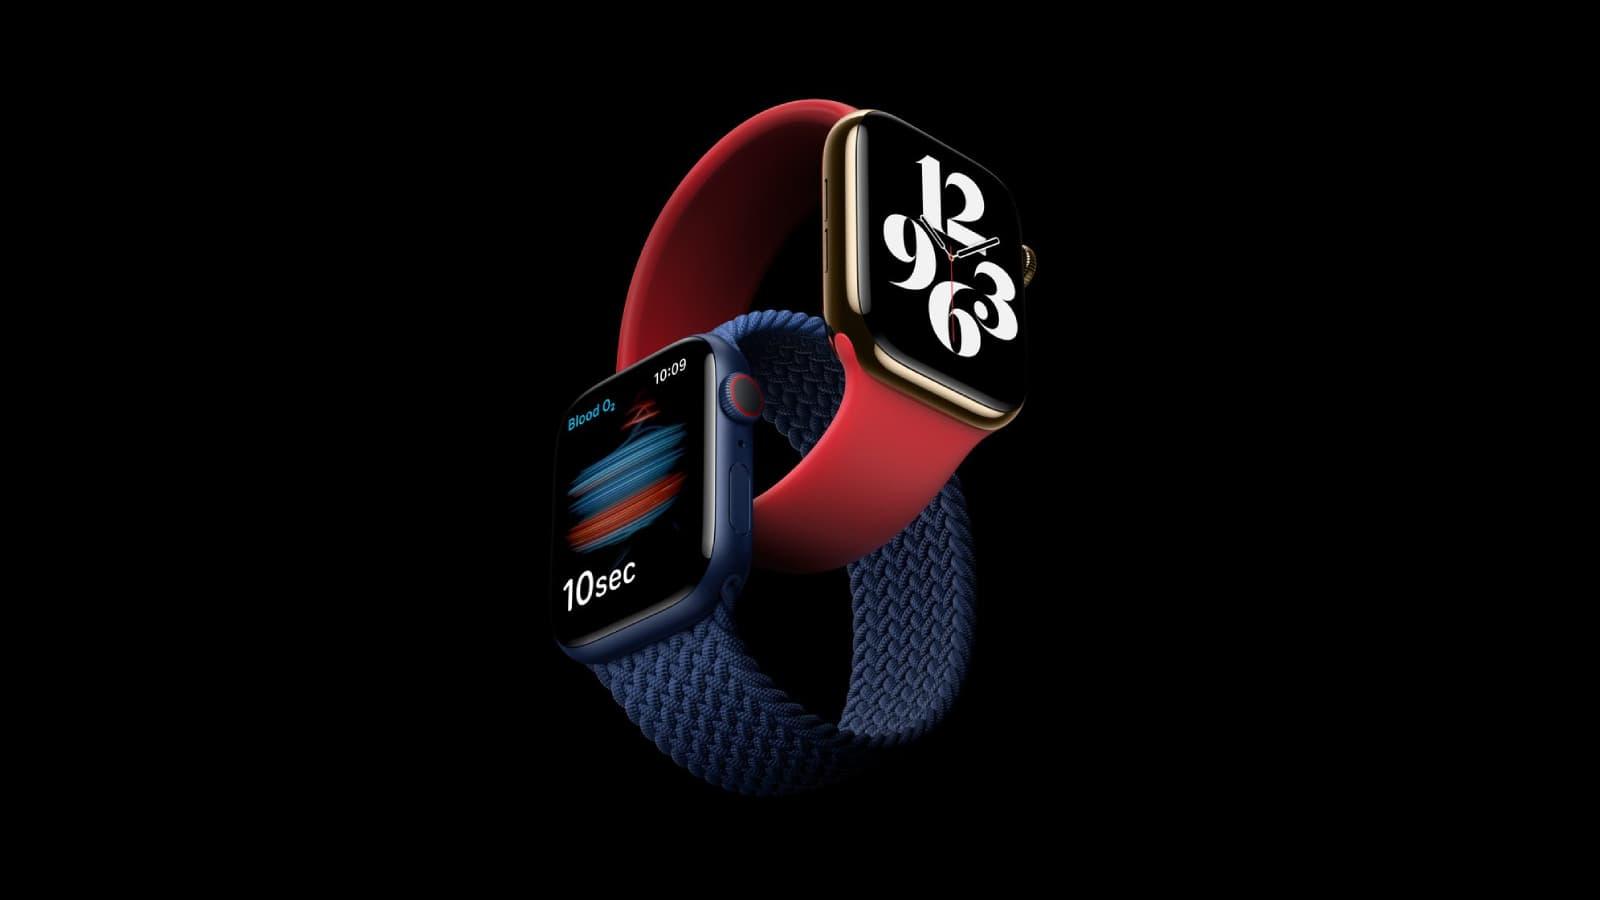 Apple Watch : vous avez l'heure, et tellement plus encore